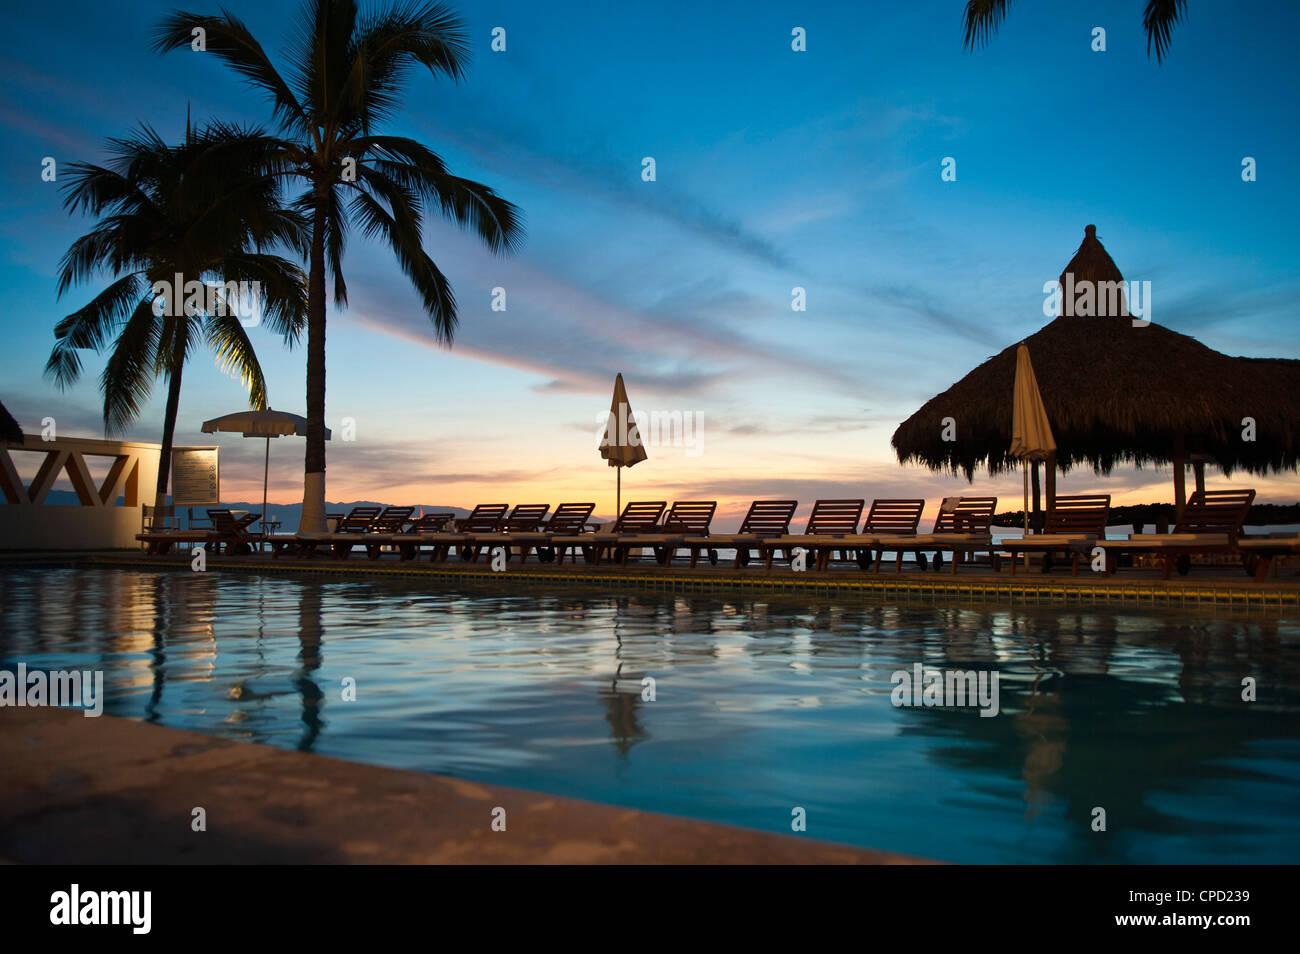 Villa Premiere Hotel and Spa, Puerto Vallarta, Jalisco, México, América del Norte Imagen De Stock